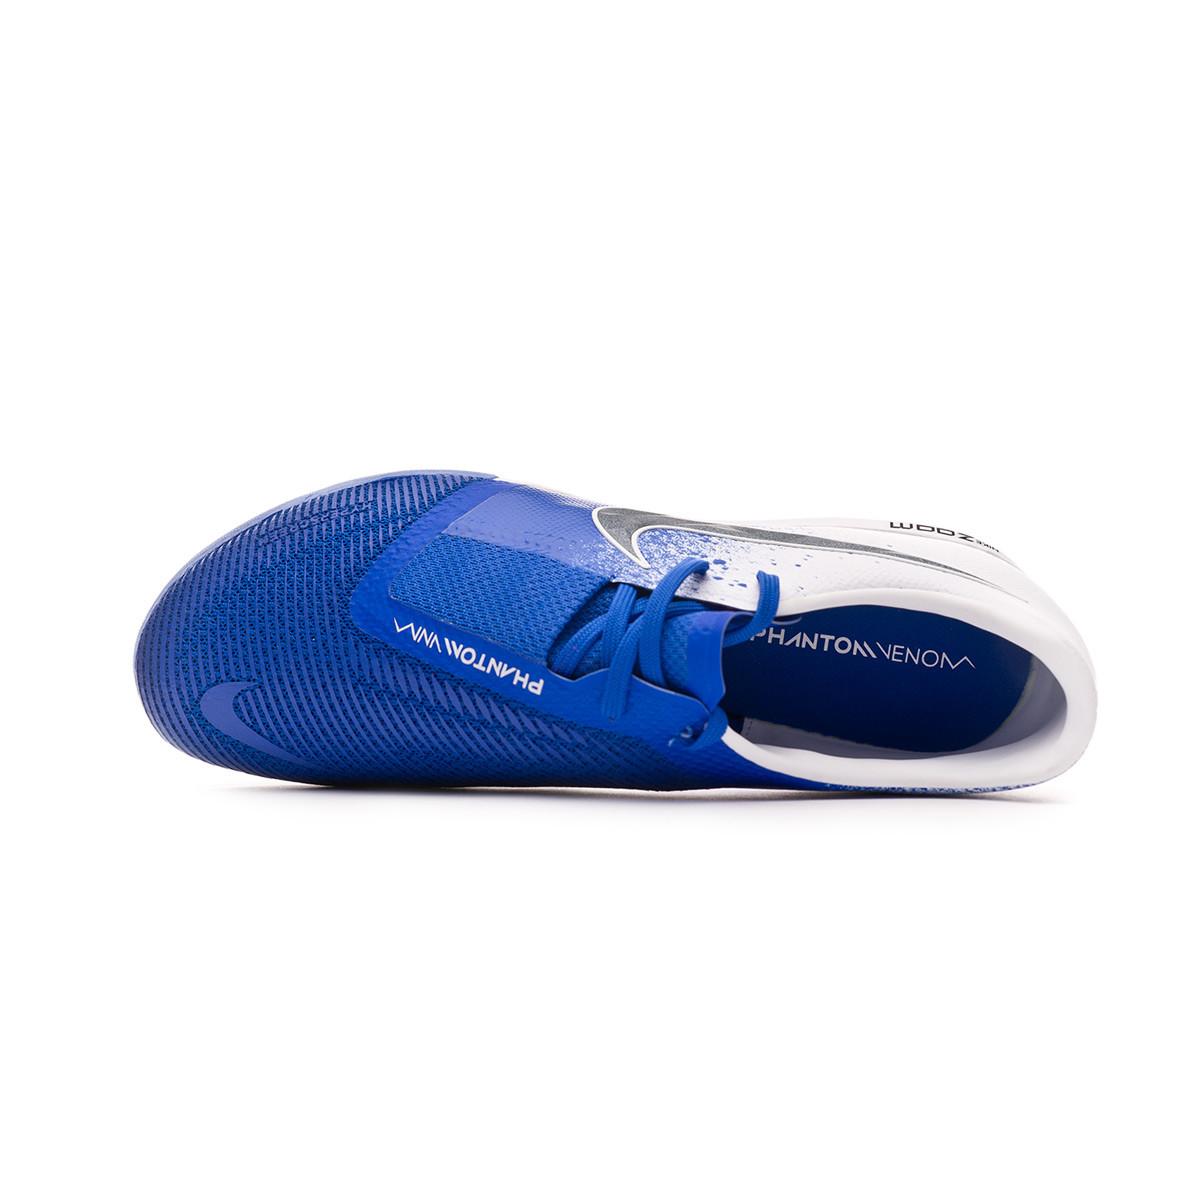 773b2f99765 Futsal Boot Nike Zoom Phantom Venom Pro IC White-Black-Racer blue -  Football store Fútbol Emotion